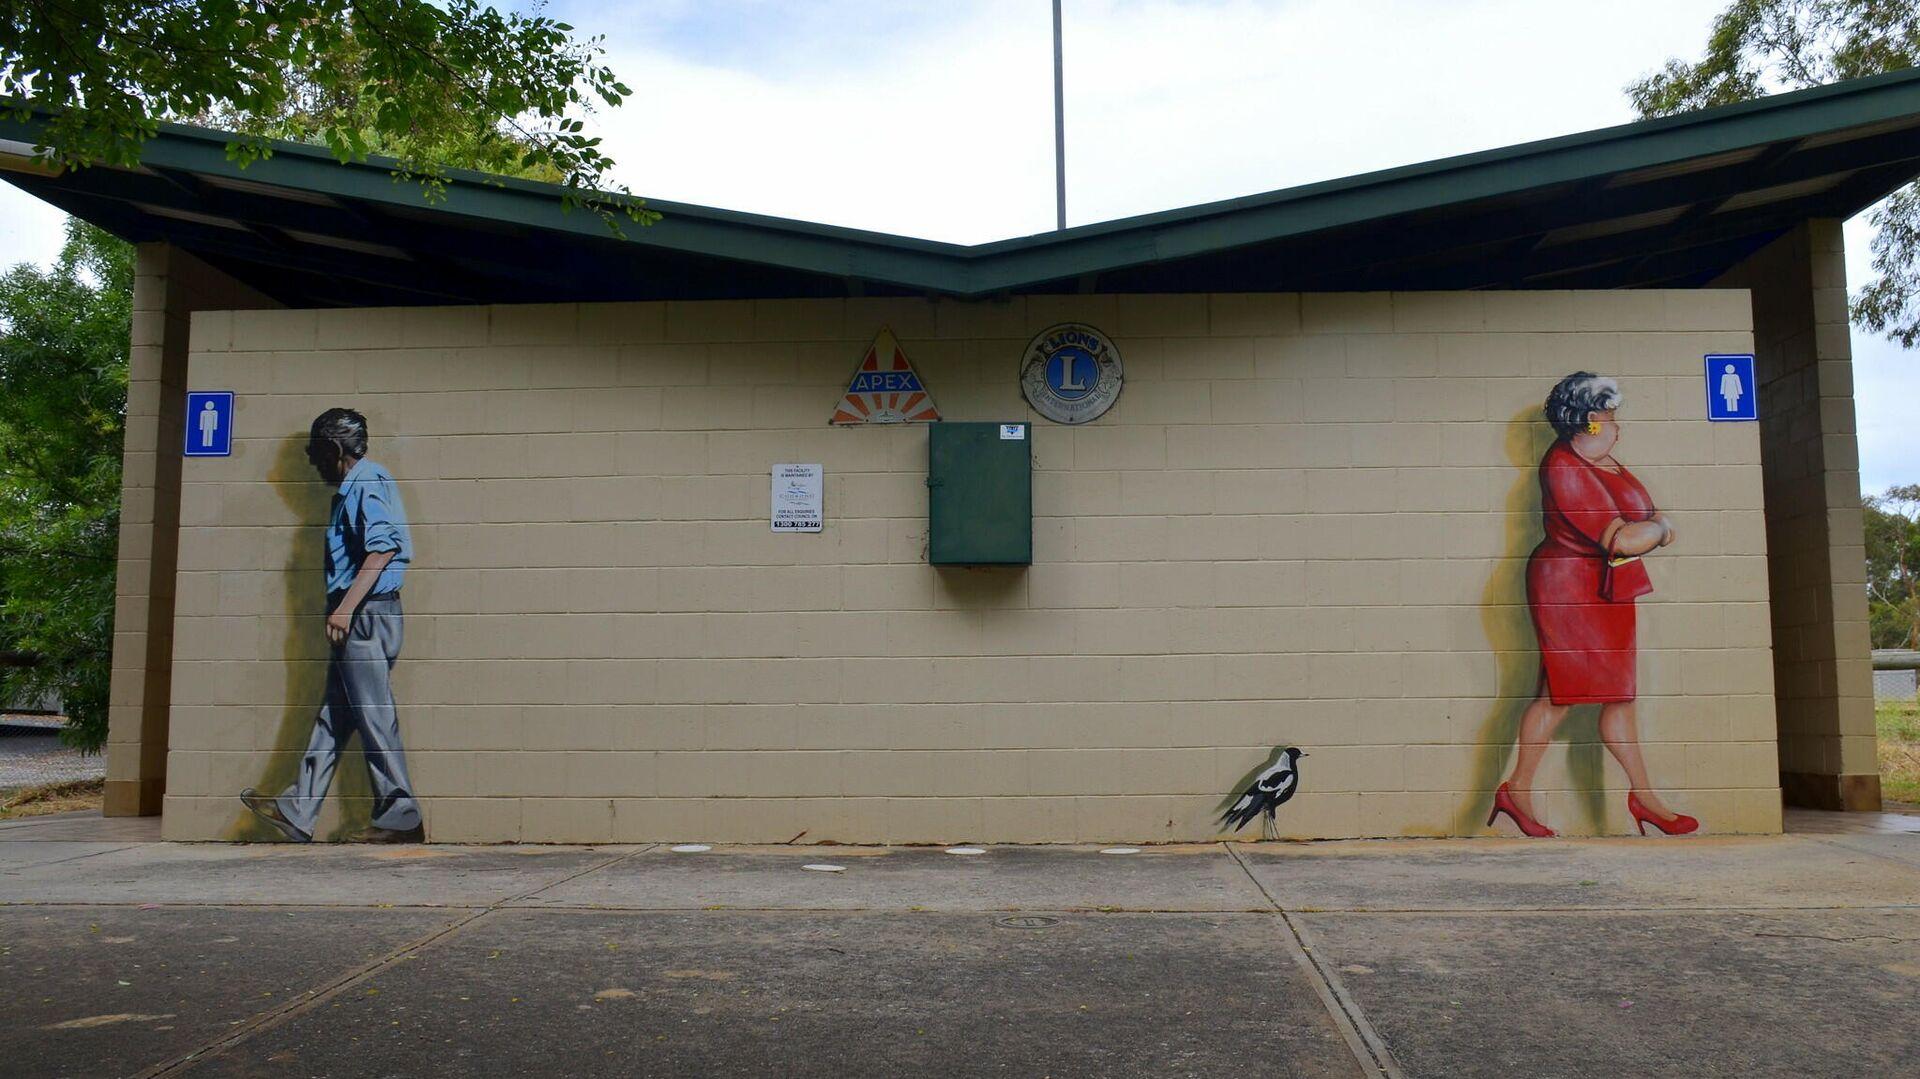 Общественный туалет с граффити в Австралии - РИА Новости, 1920, 19.11.2019